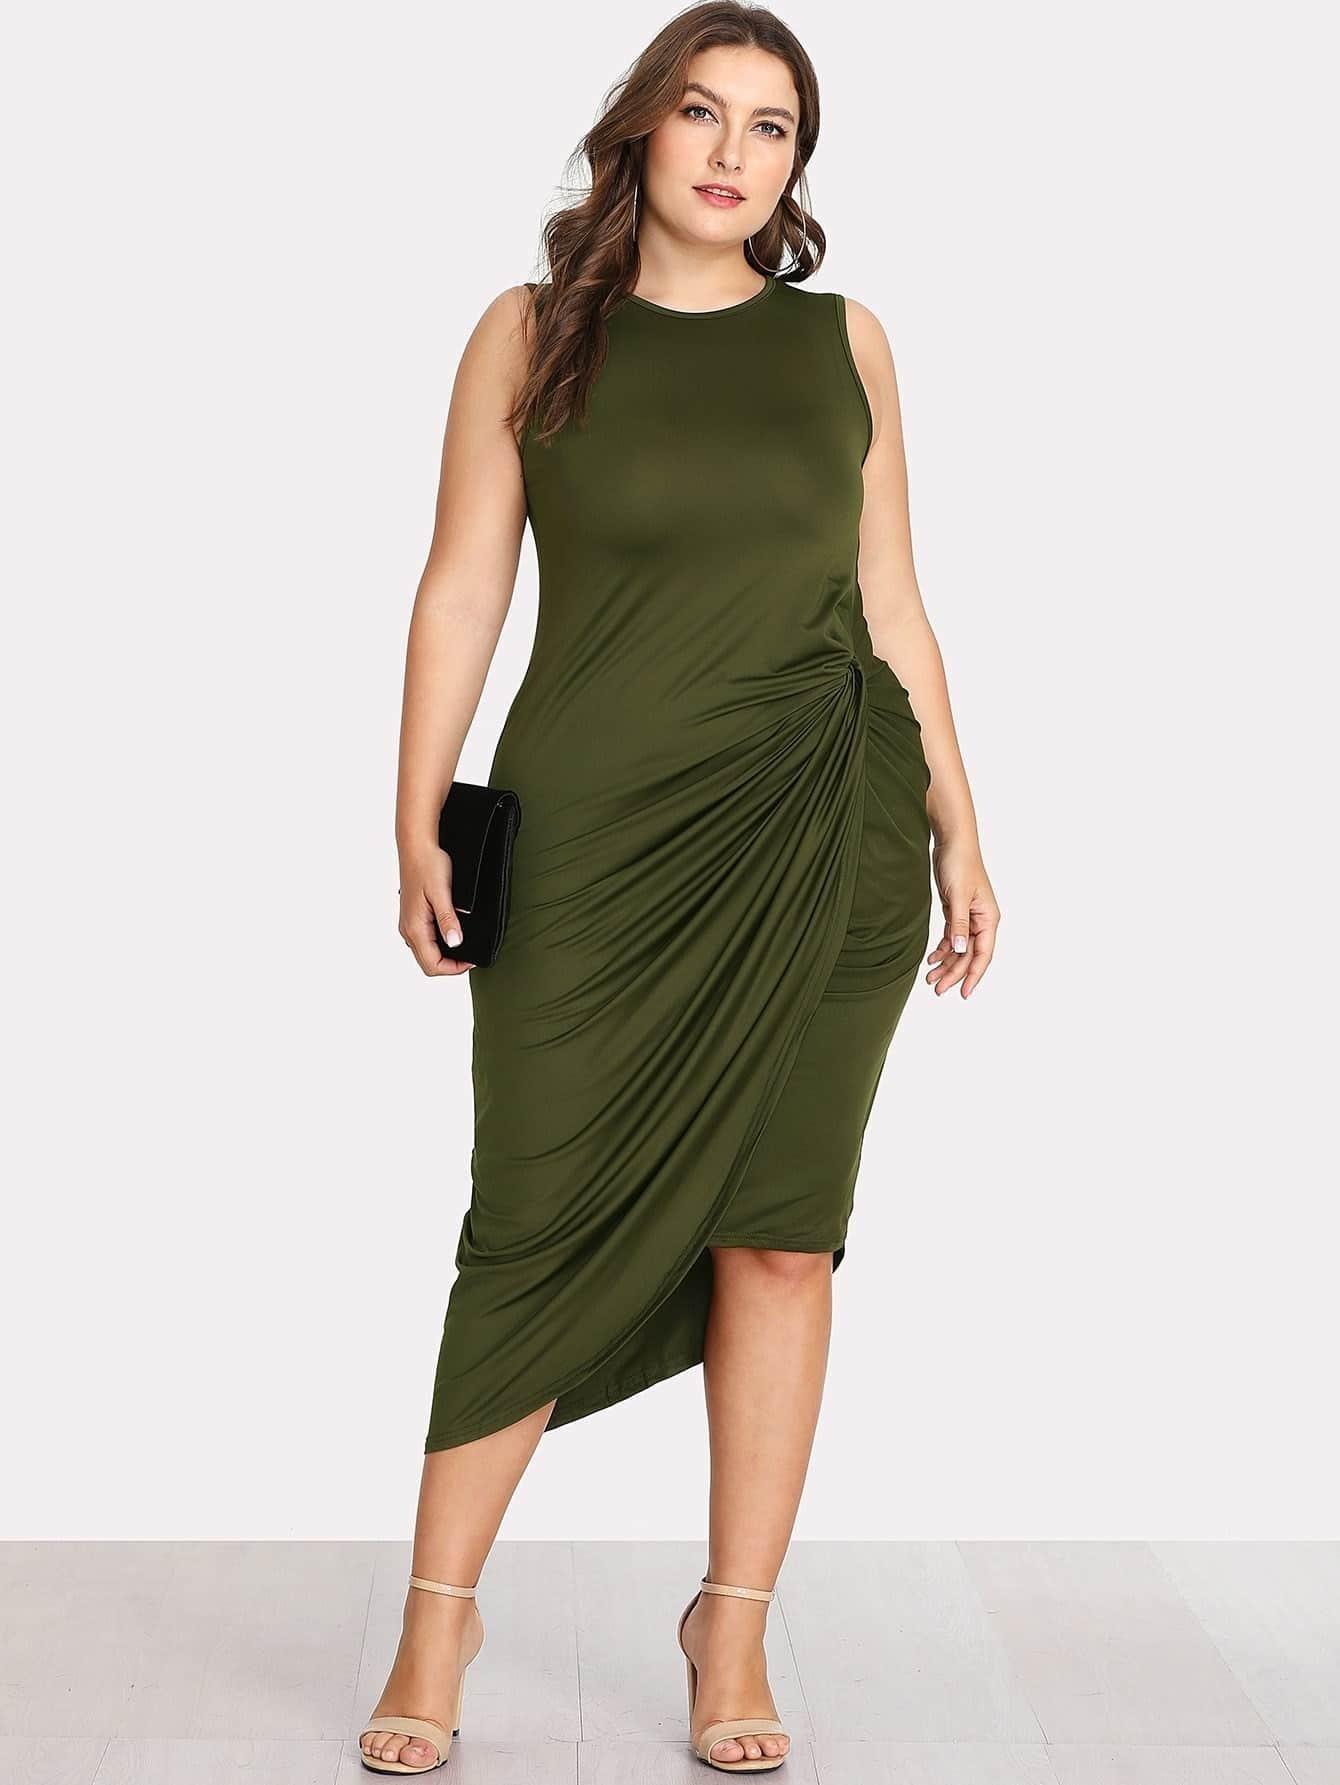 Asymmetrical Hem Twist Side Dress